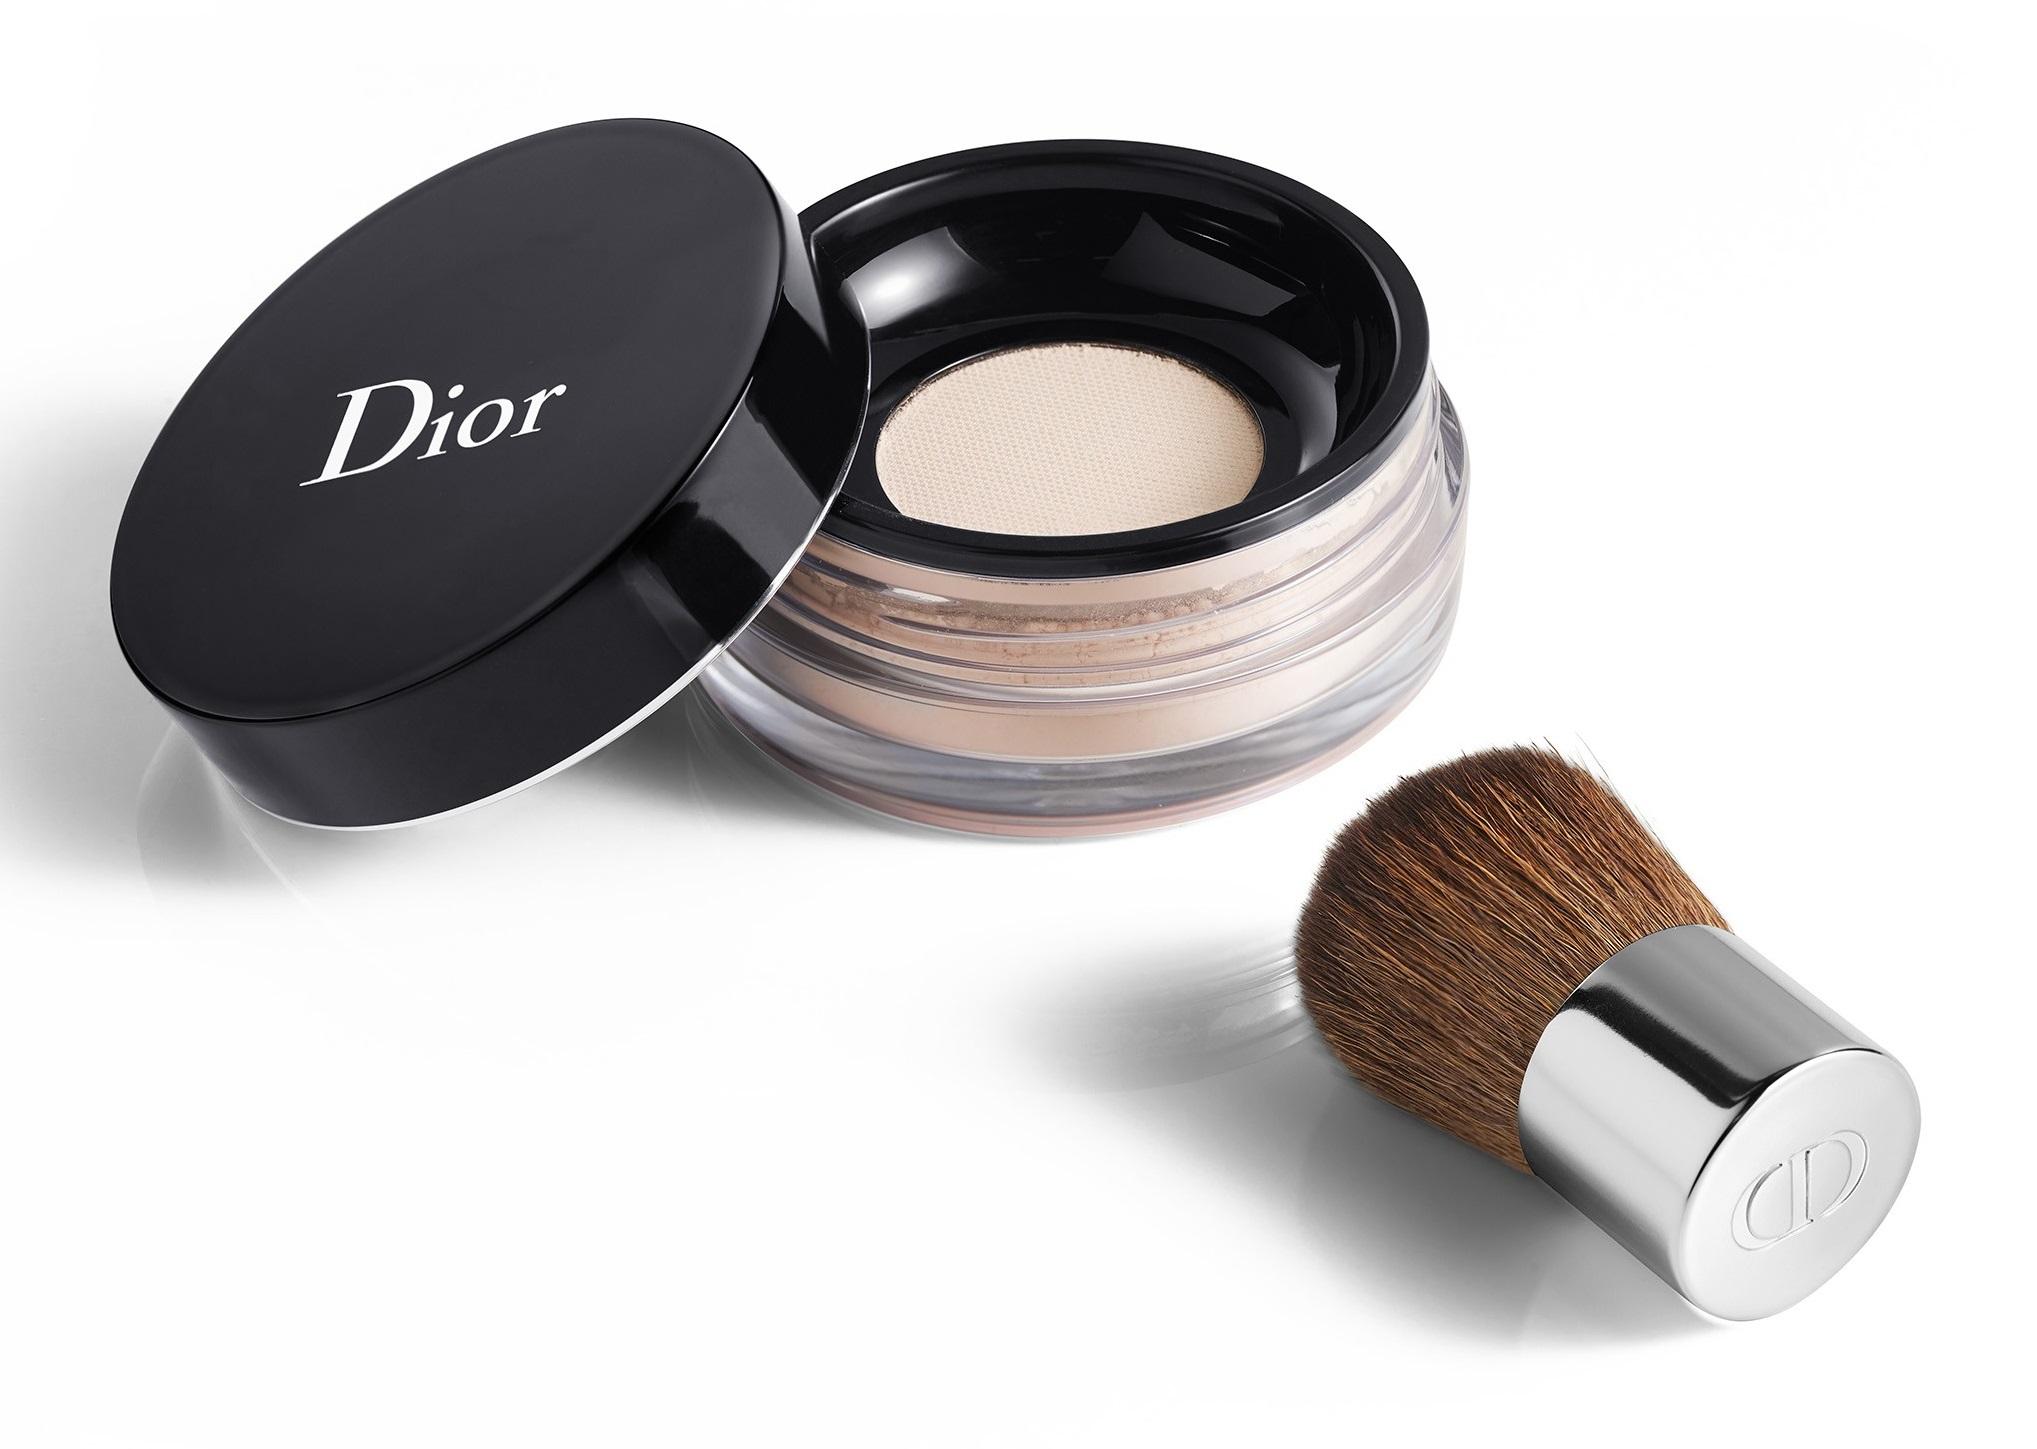 Dior Diorskin Diorskin Forever & Ever Control Loose Powder